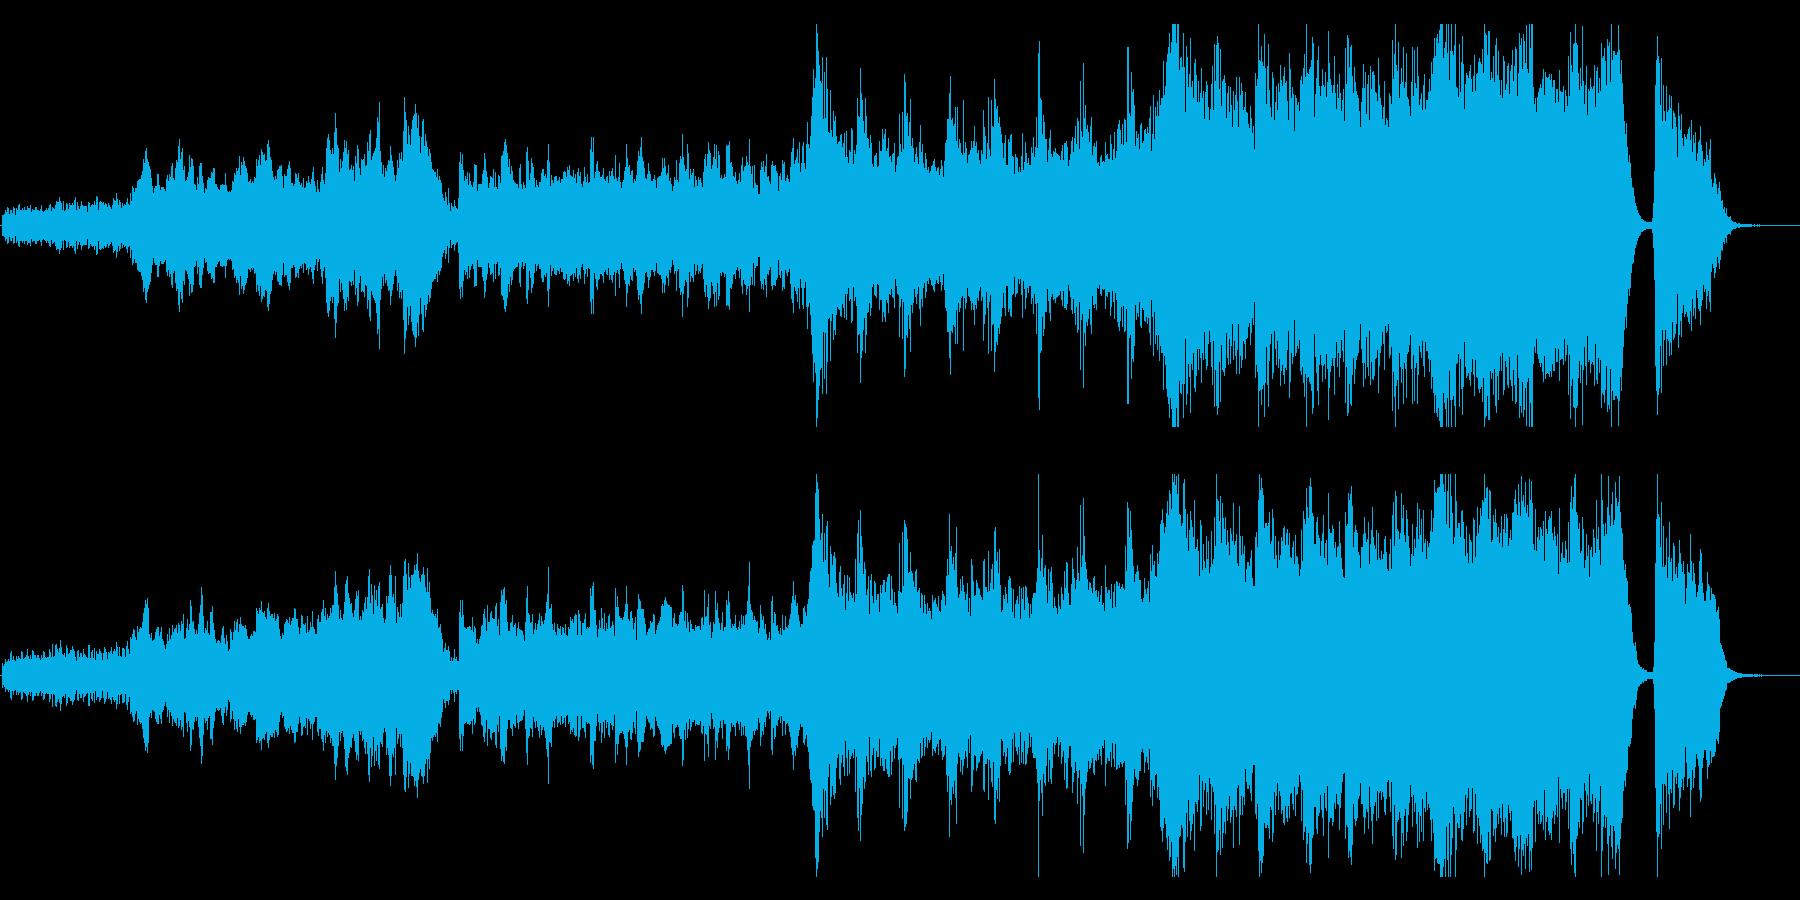 感動が最高潮に達するハイブリッドなオケ2の再生済みの波形